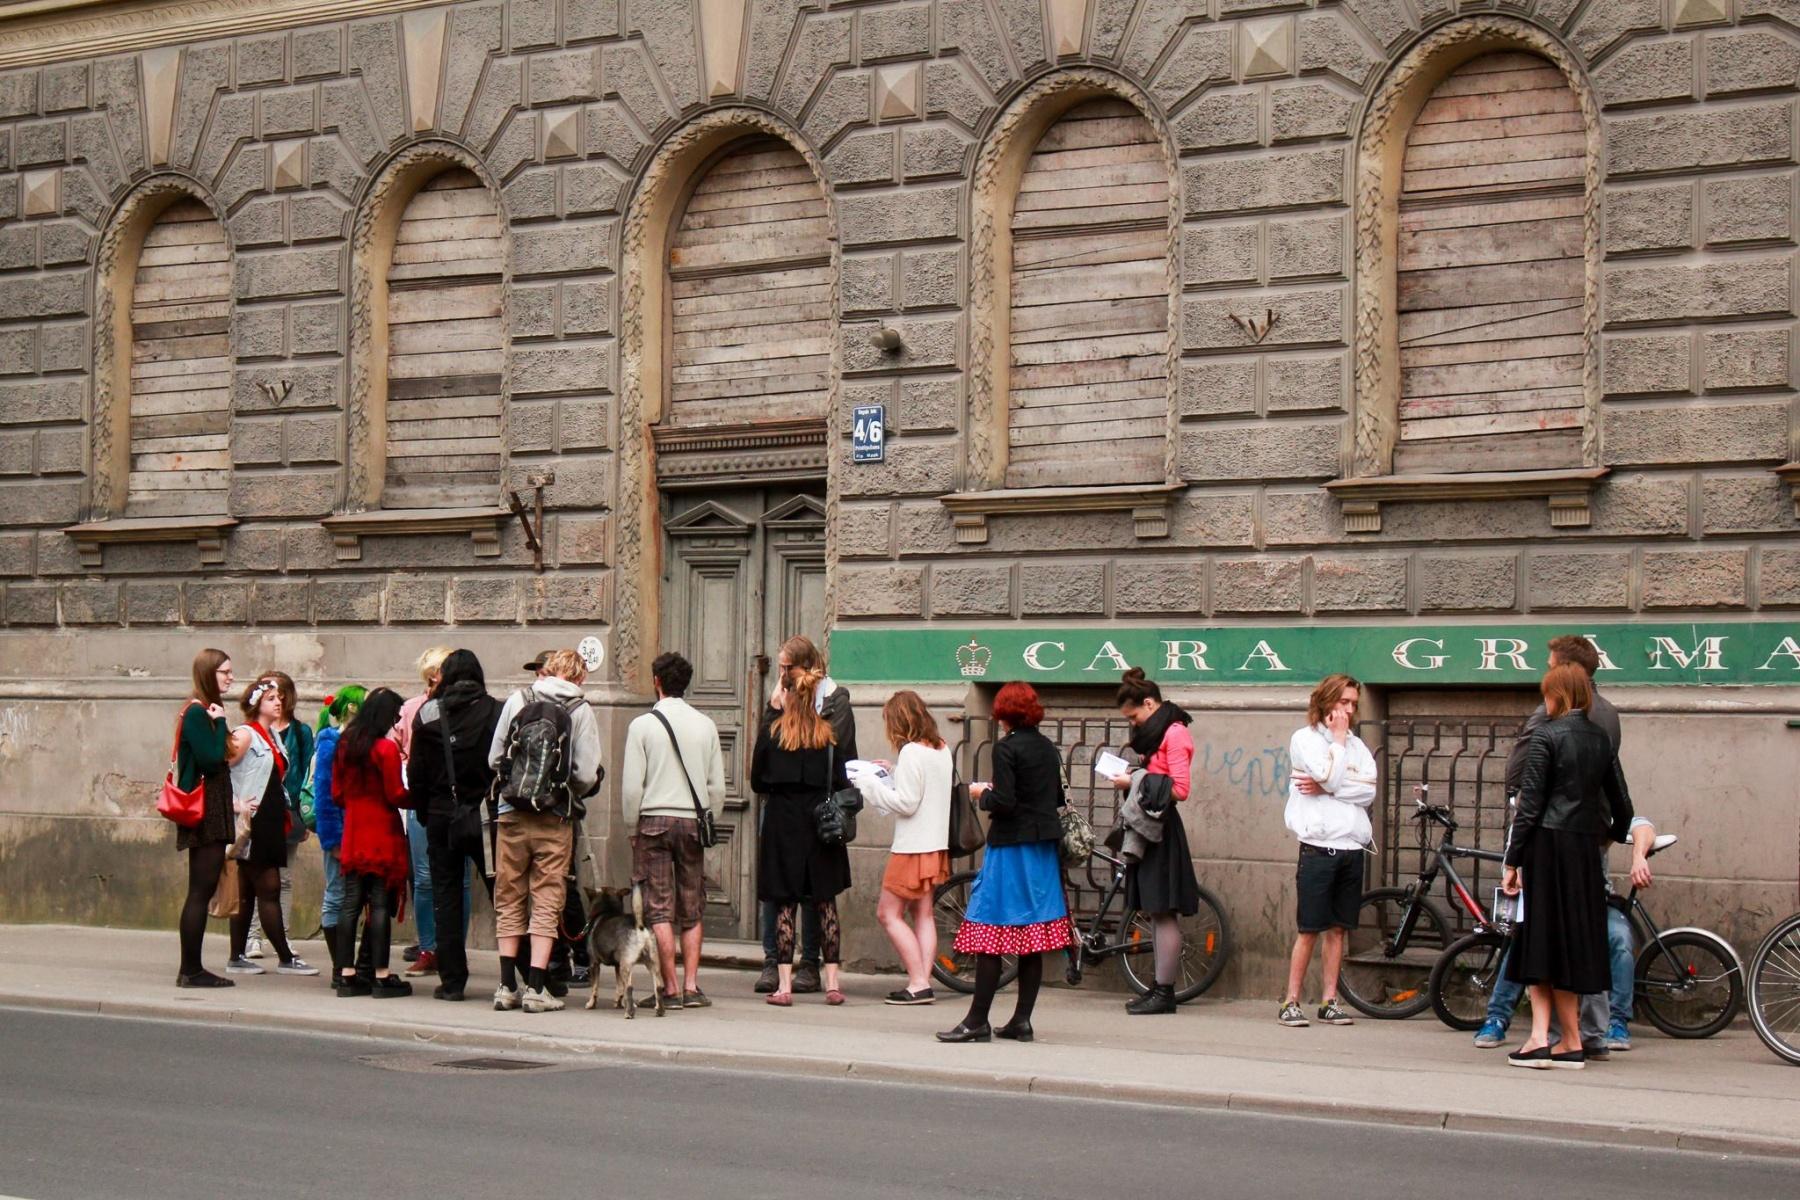 que hacer en Riga, cosas que hacer en Riga, las mejores cosas que hacer en Riga